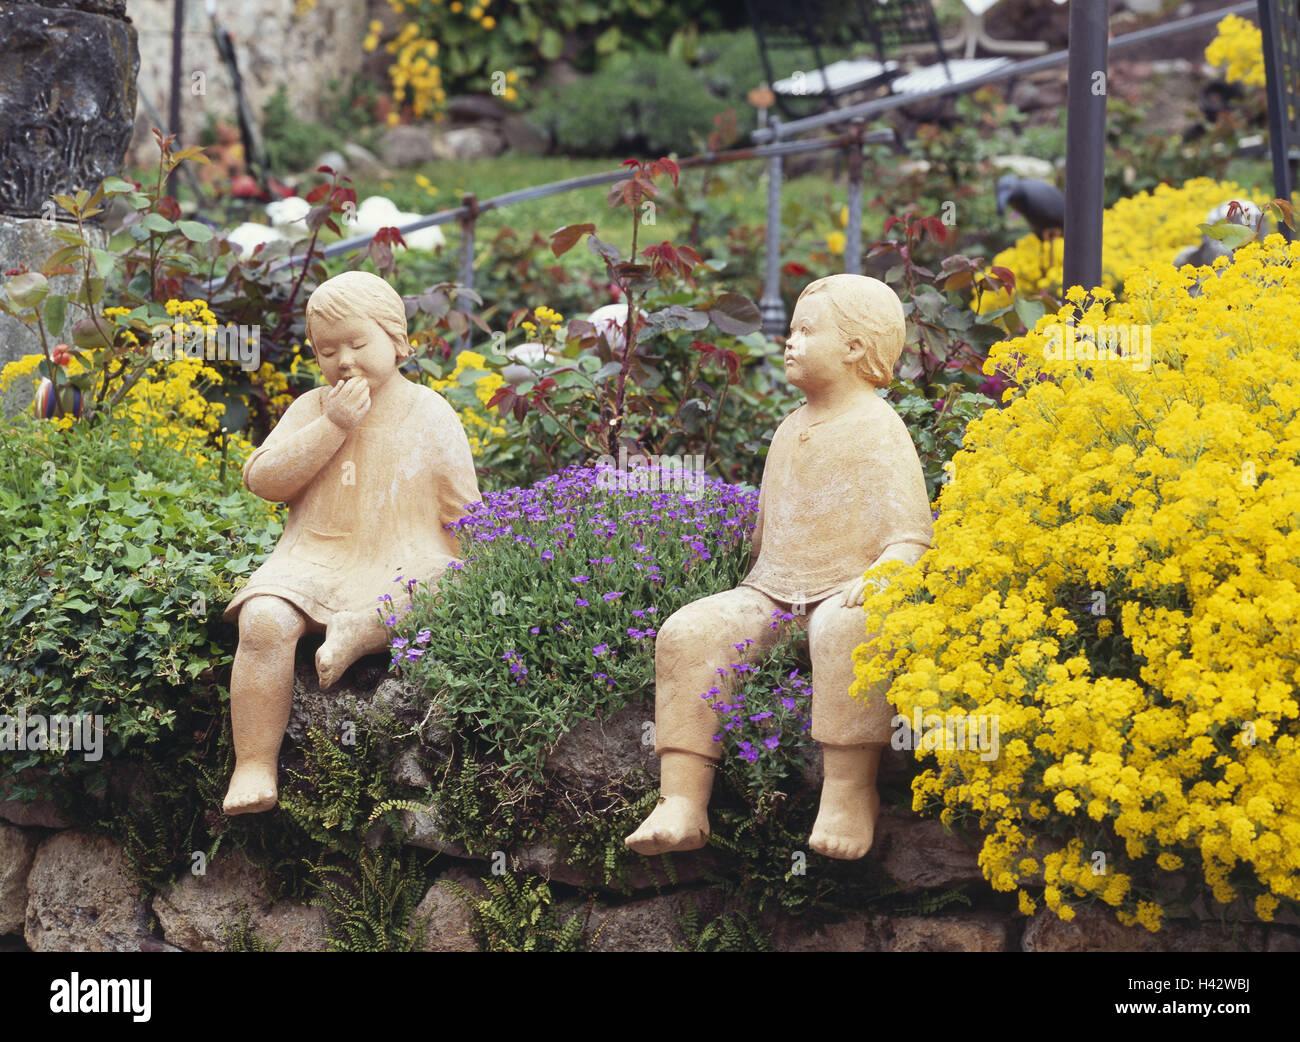 Stein Garten Blumen Gartenfiguren Kinder Mauer Mauerwerk